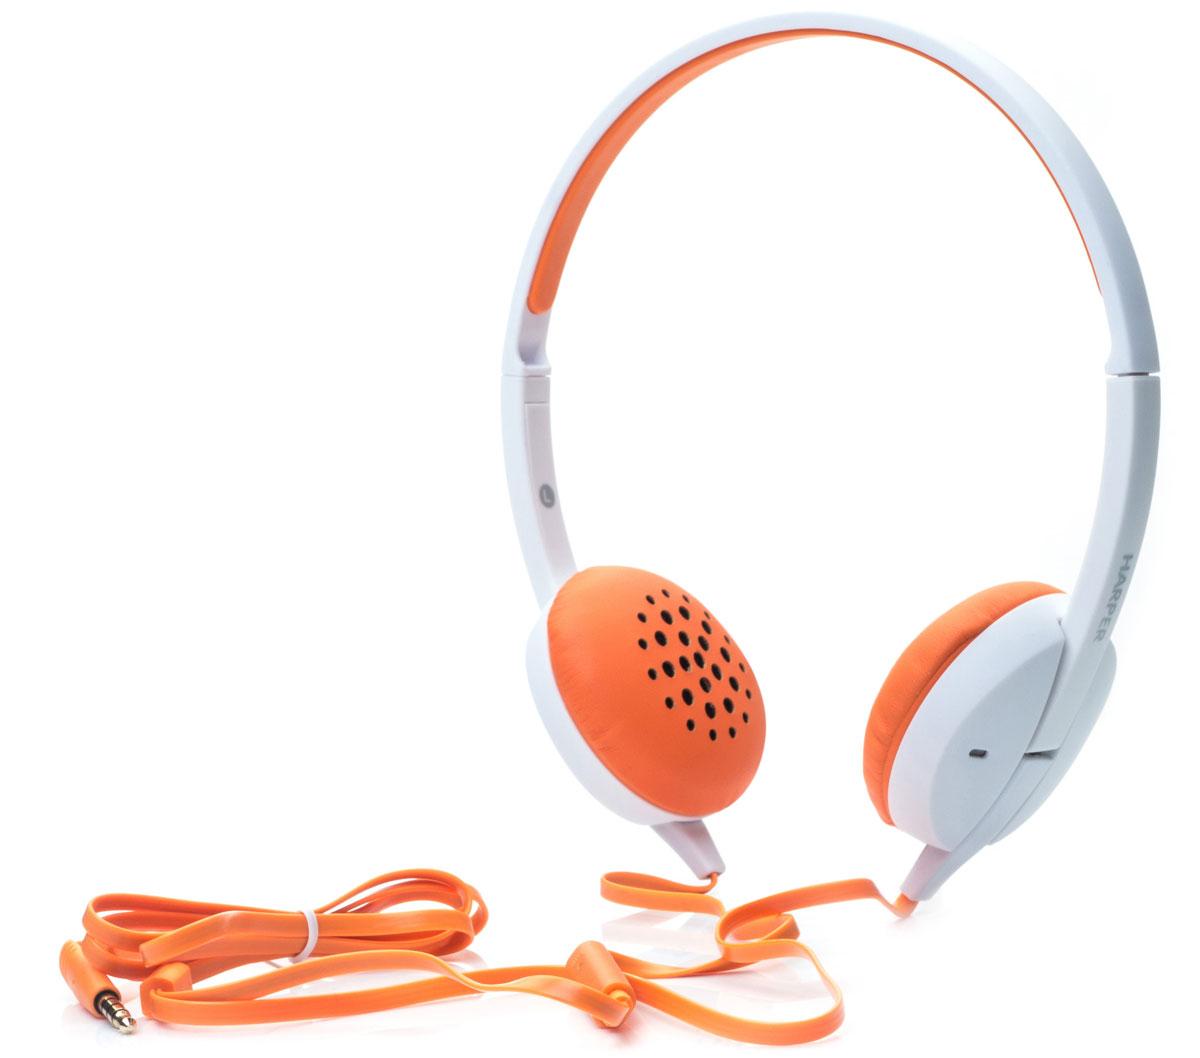 Harper HN-300, Orange наушникиH00000638Накладные наушники Harper HN-300 с микрофоном. Модель очень легкая, с превосходным качеством звука. Плоский кабель длиной 1,2 метра идеально подходит для использования на улице. Встроенный пульт и микрофон для быстрого переключения между музыкой и вызовами.